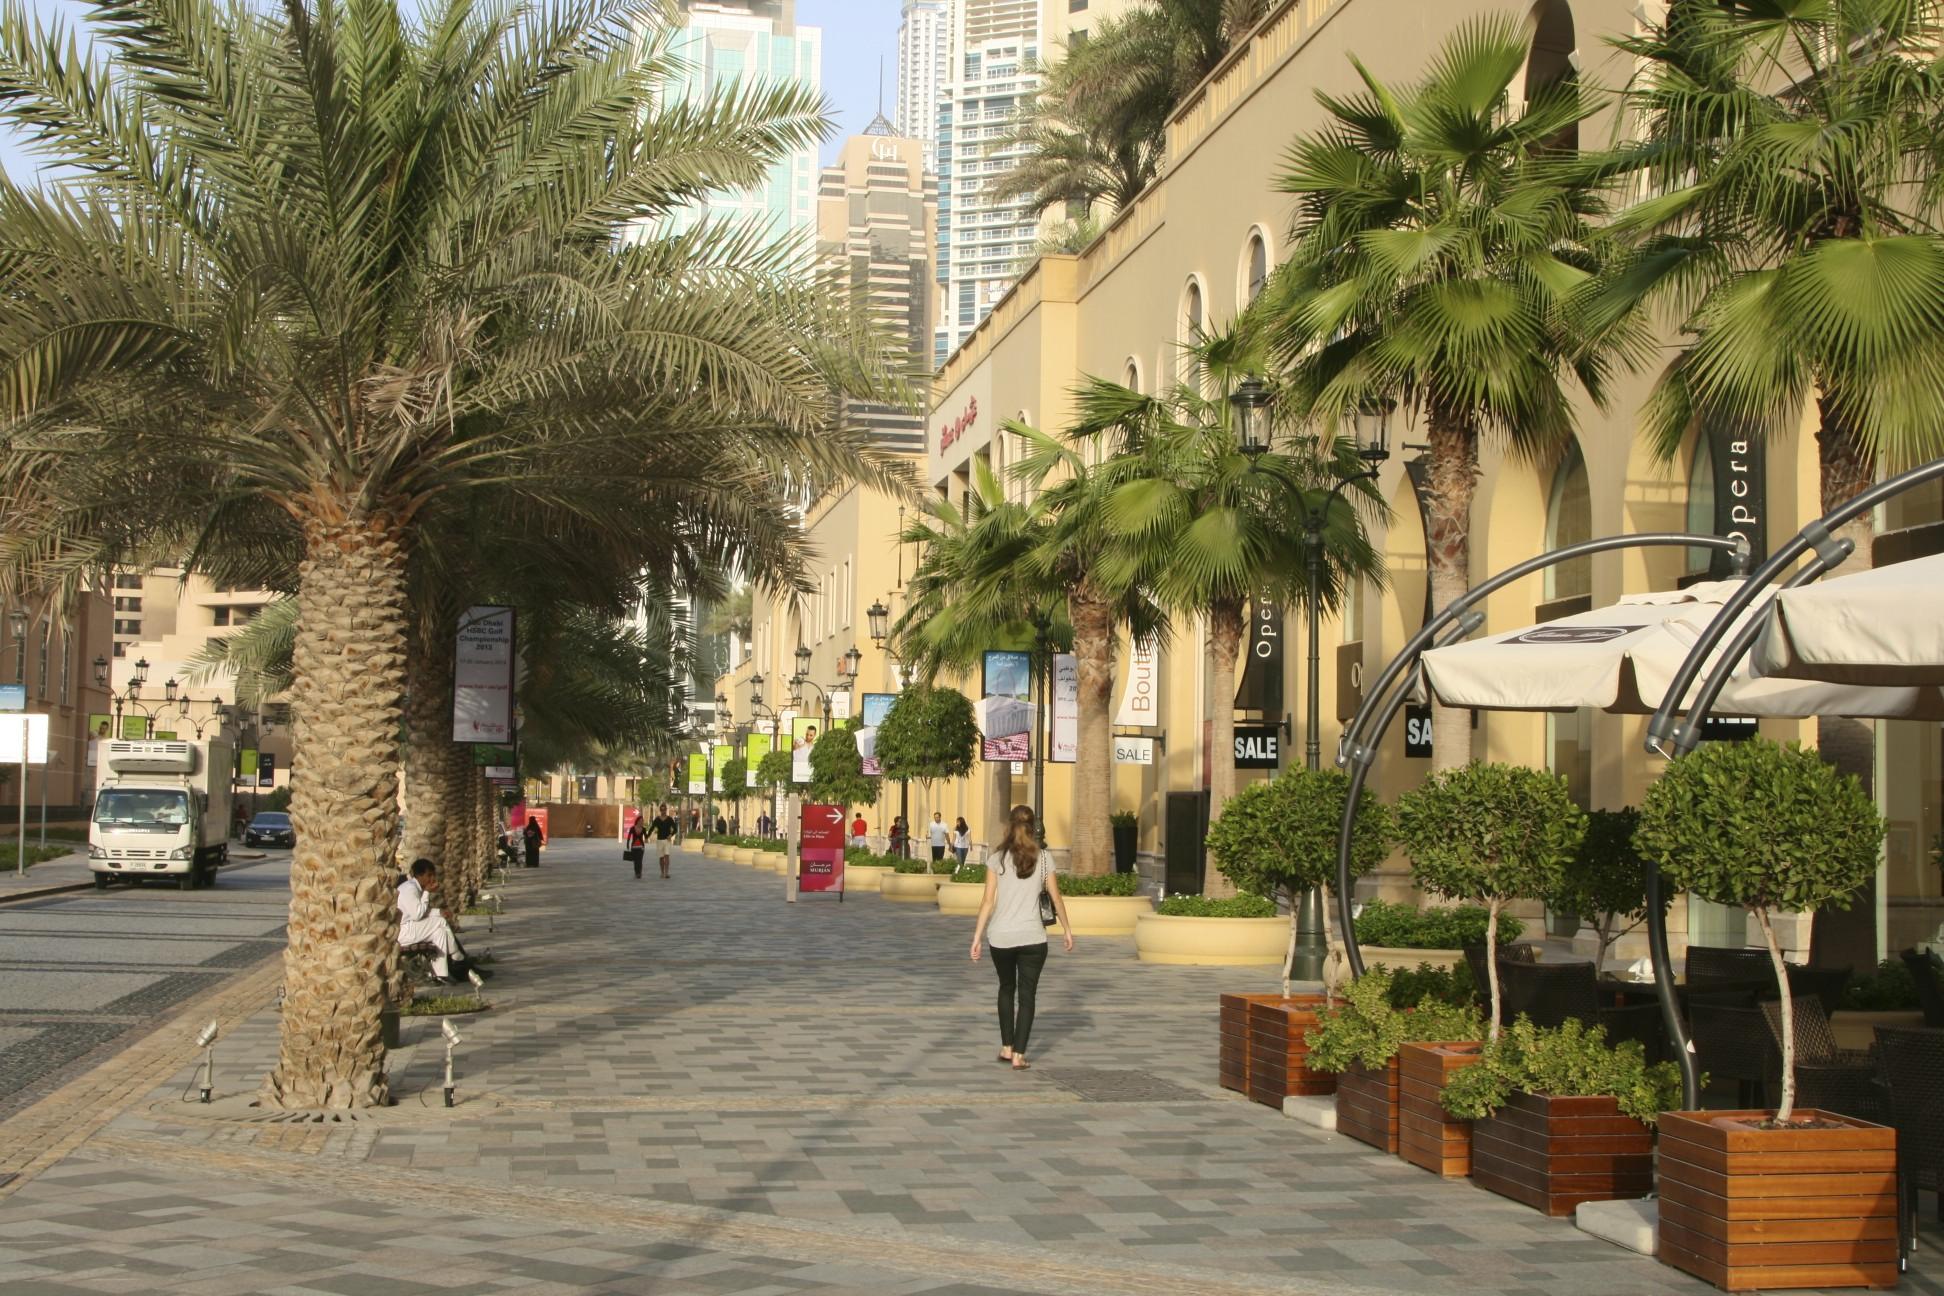 в Дубай в сентябре: почему не рекомендую и отзыв о сим-карте Europasim